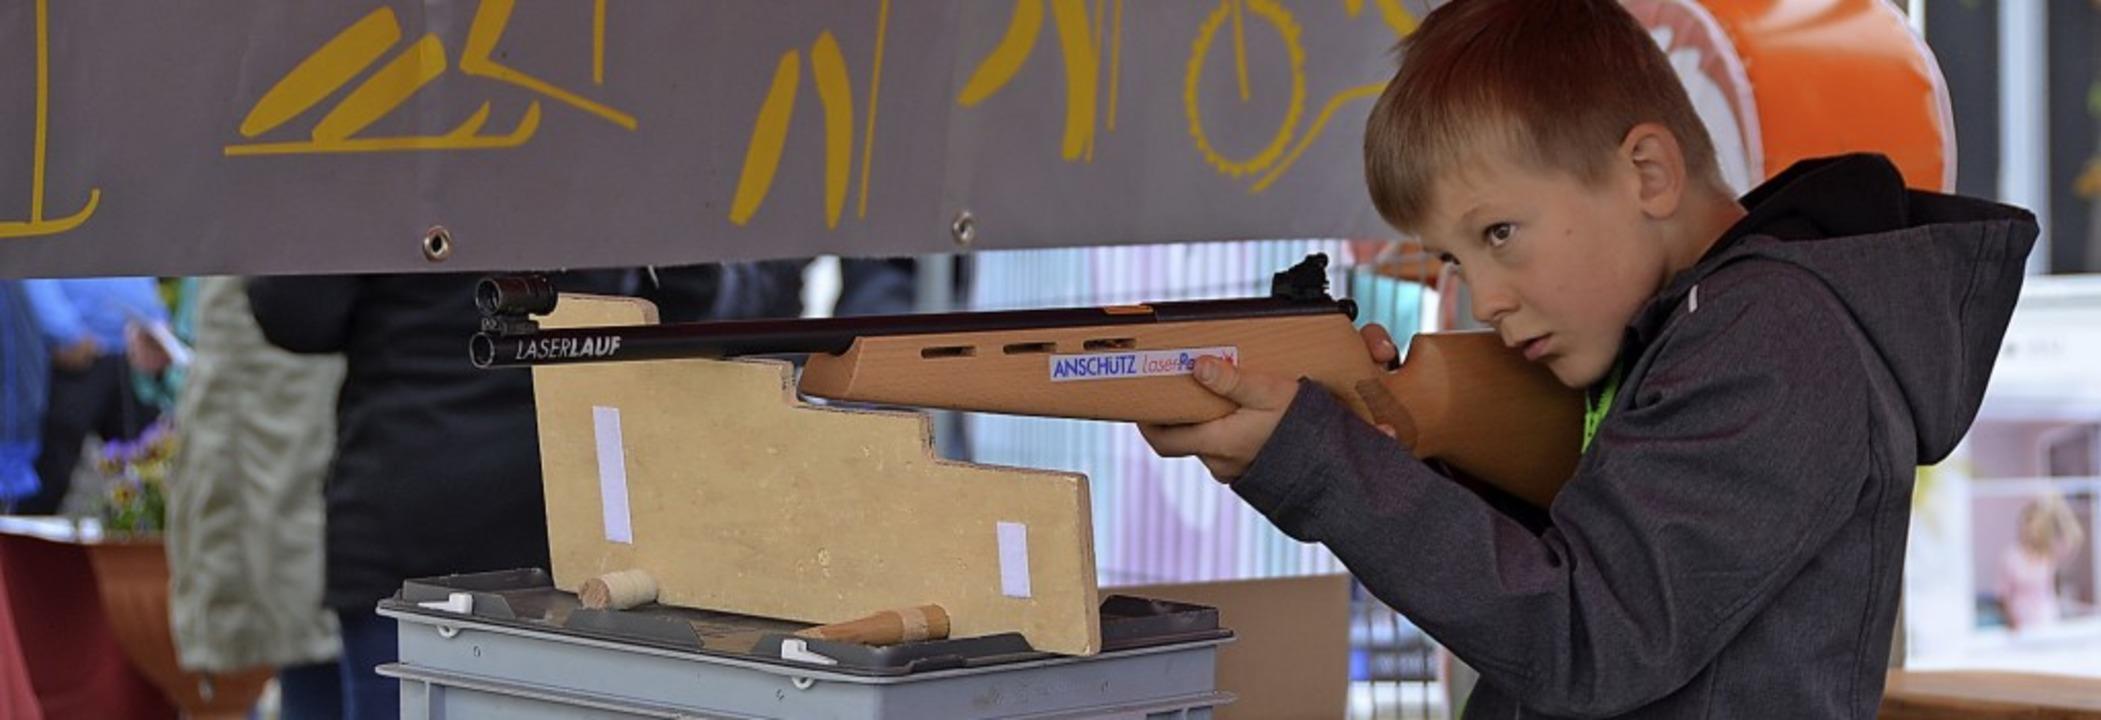 Auch mit dem Lasergewehr konnte sich der Nachwuchs versuchen.  | Foto: Christiane Sahli